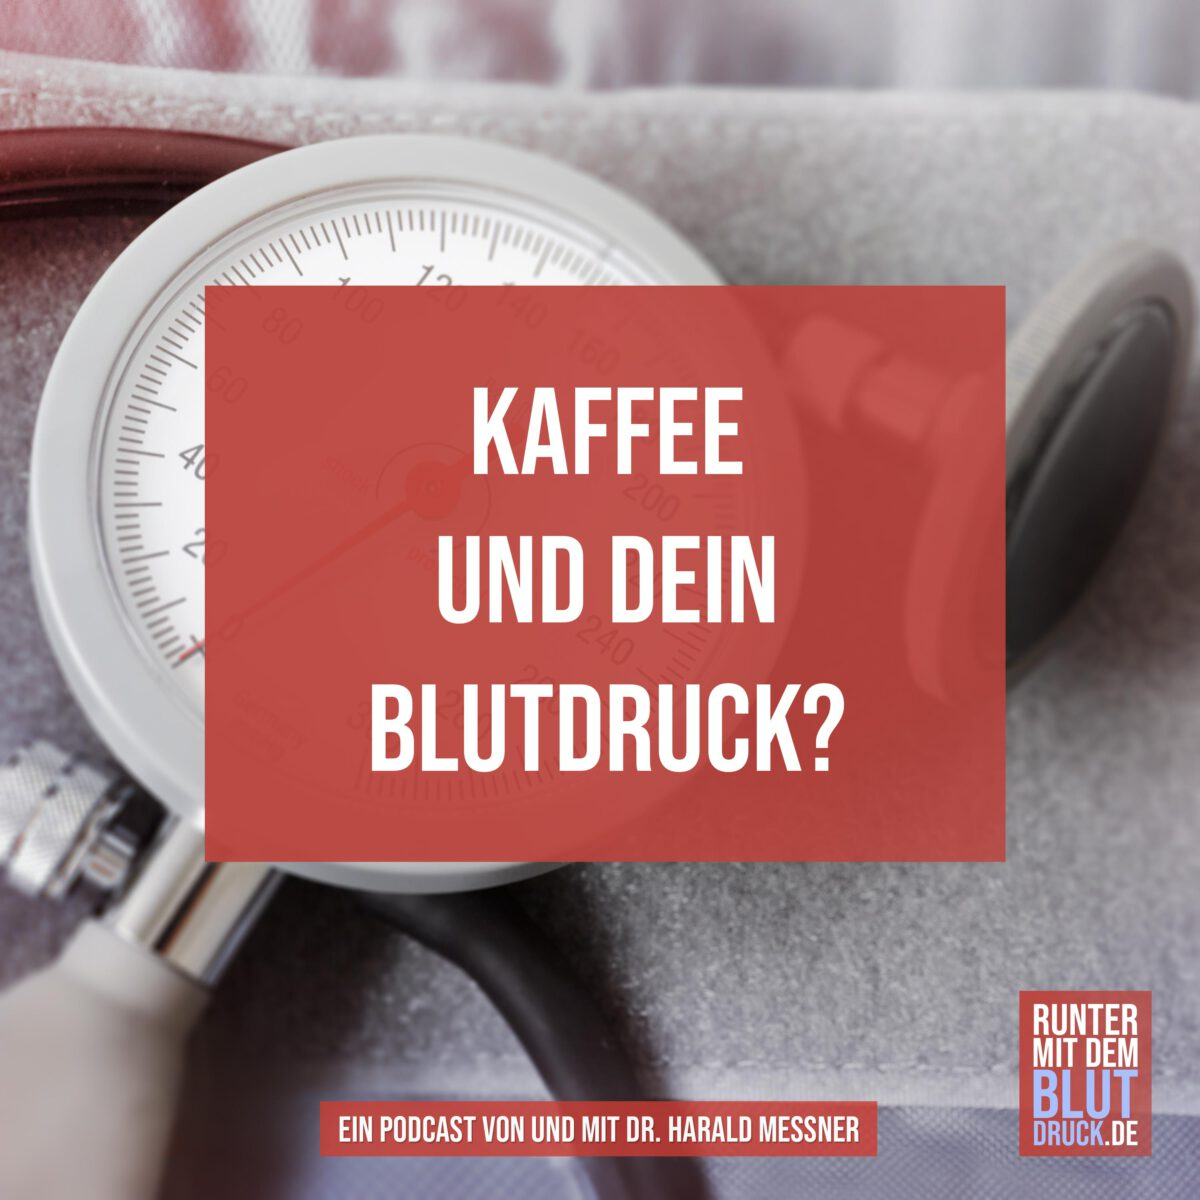 Kaffee und dein Blutdruck?